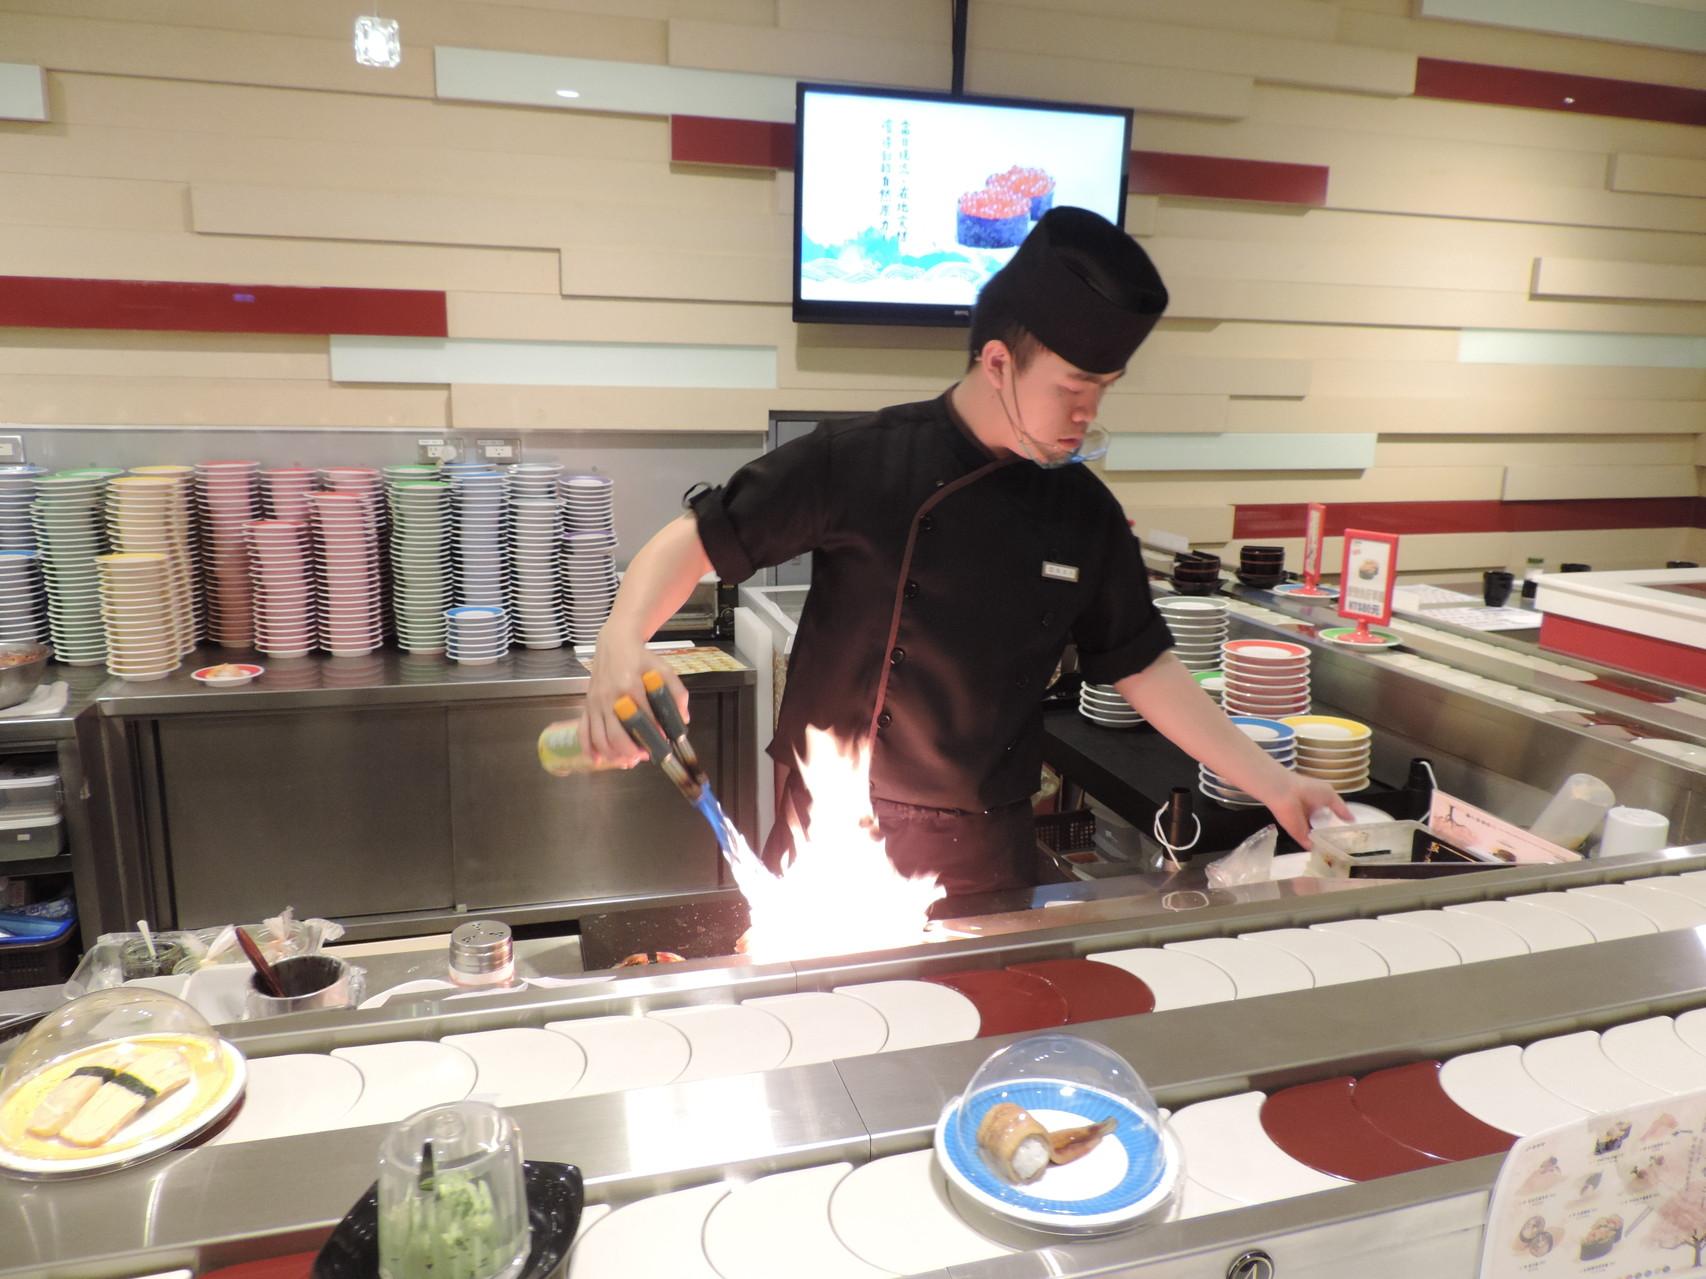 Wie grilliert man Crevetten in Taiwan? Mit zwei Bunsenbrenner gleichzeitig.